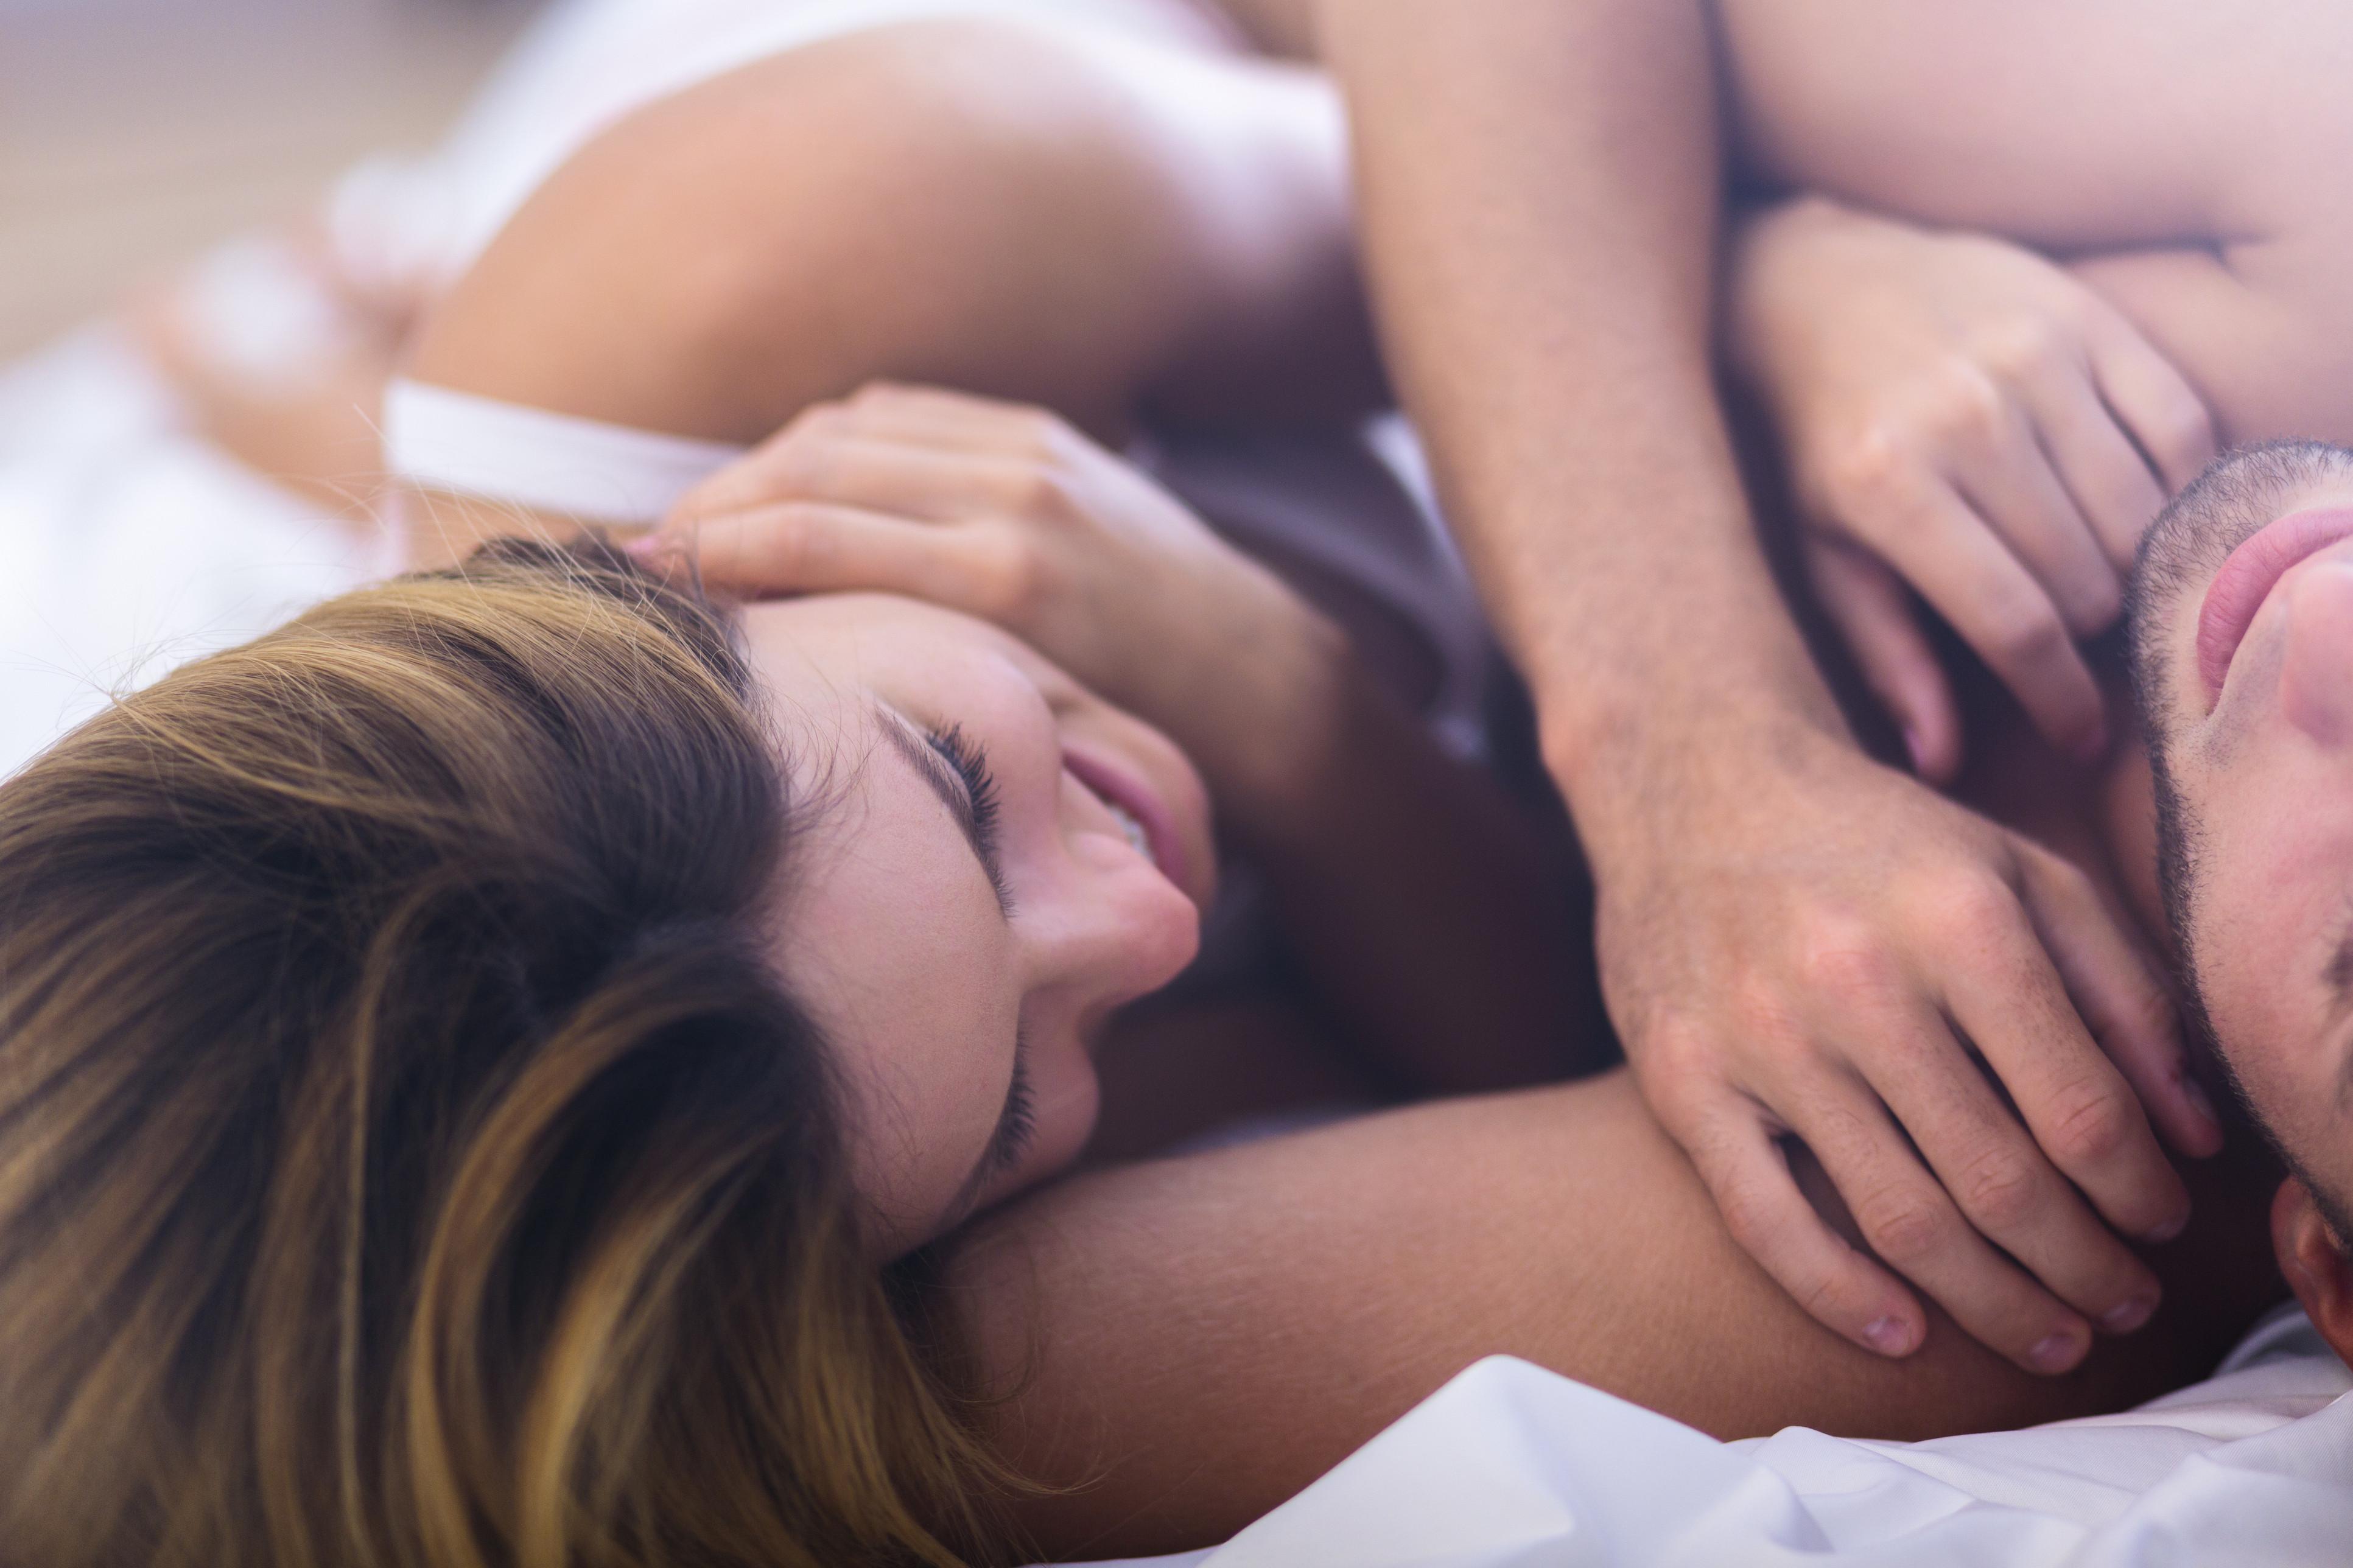 Sexo, saúde cardíaca e morte. Perceba a associação que se aponta